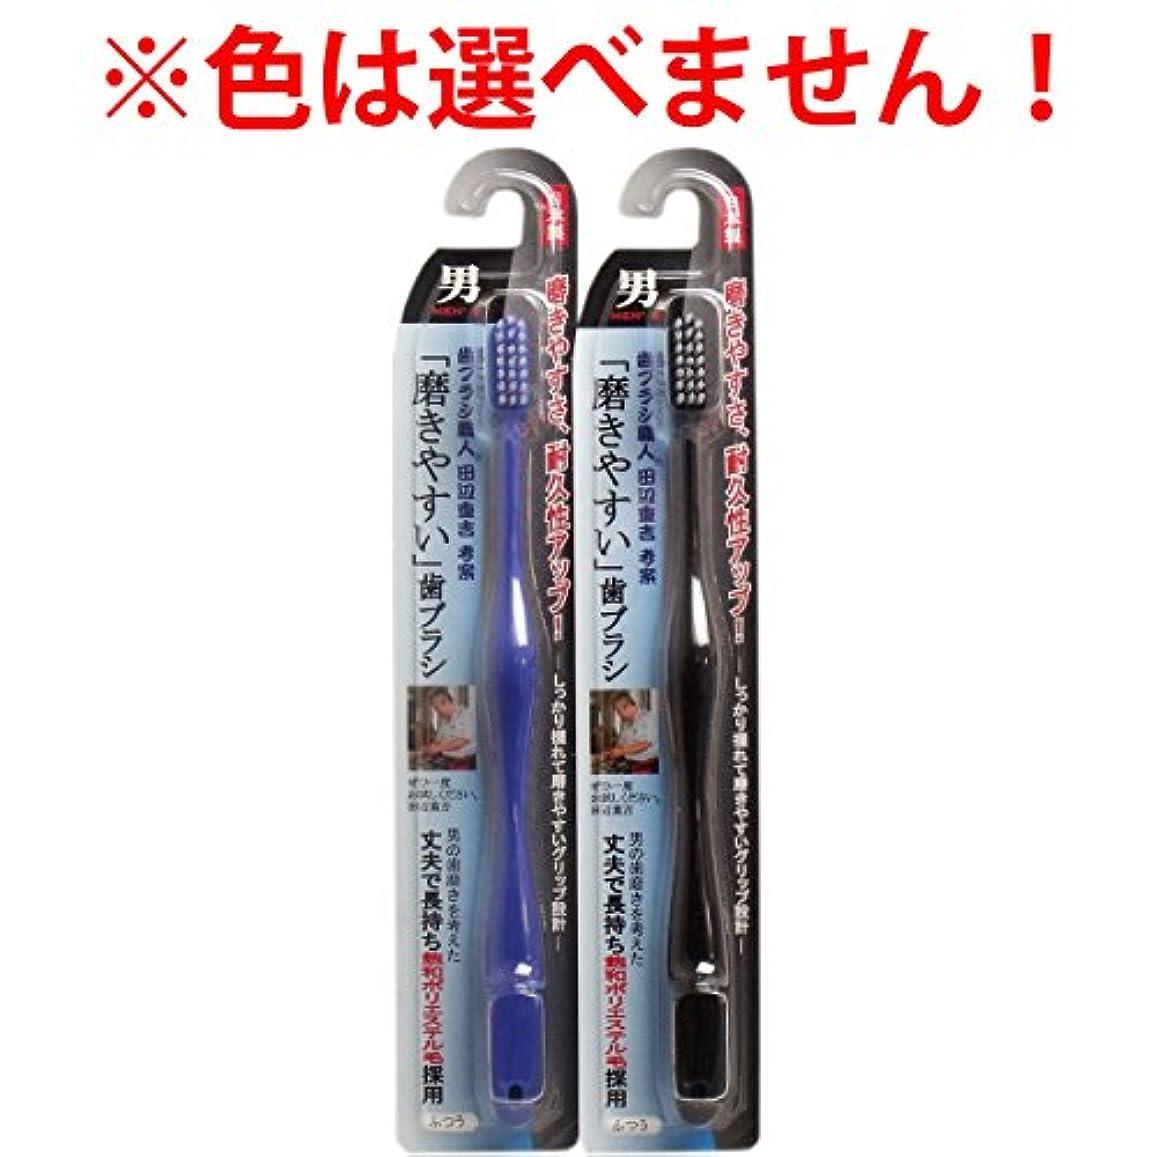 大使館持続するモニカライフレンジ 「磨きやすい」歯ブラシ男 LT-08 1本